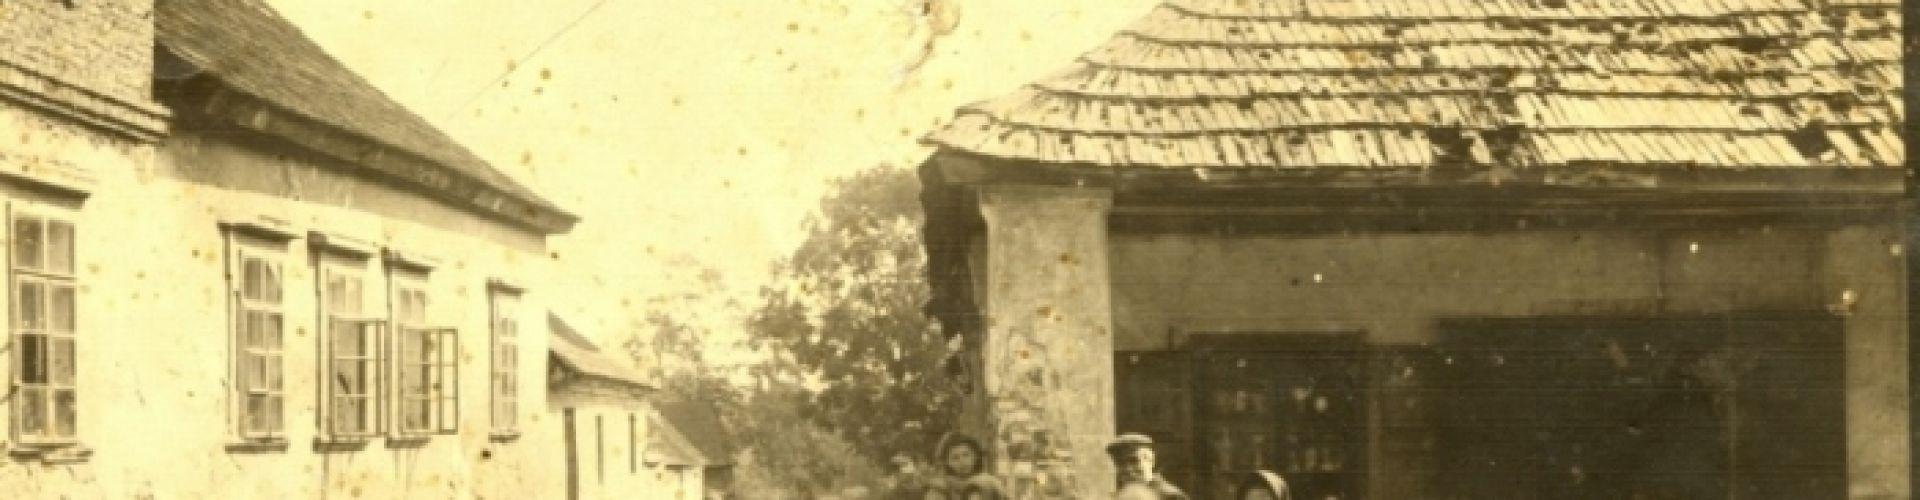 archiwum Barbary Sośnierz